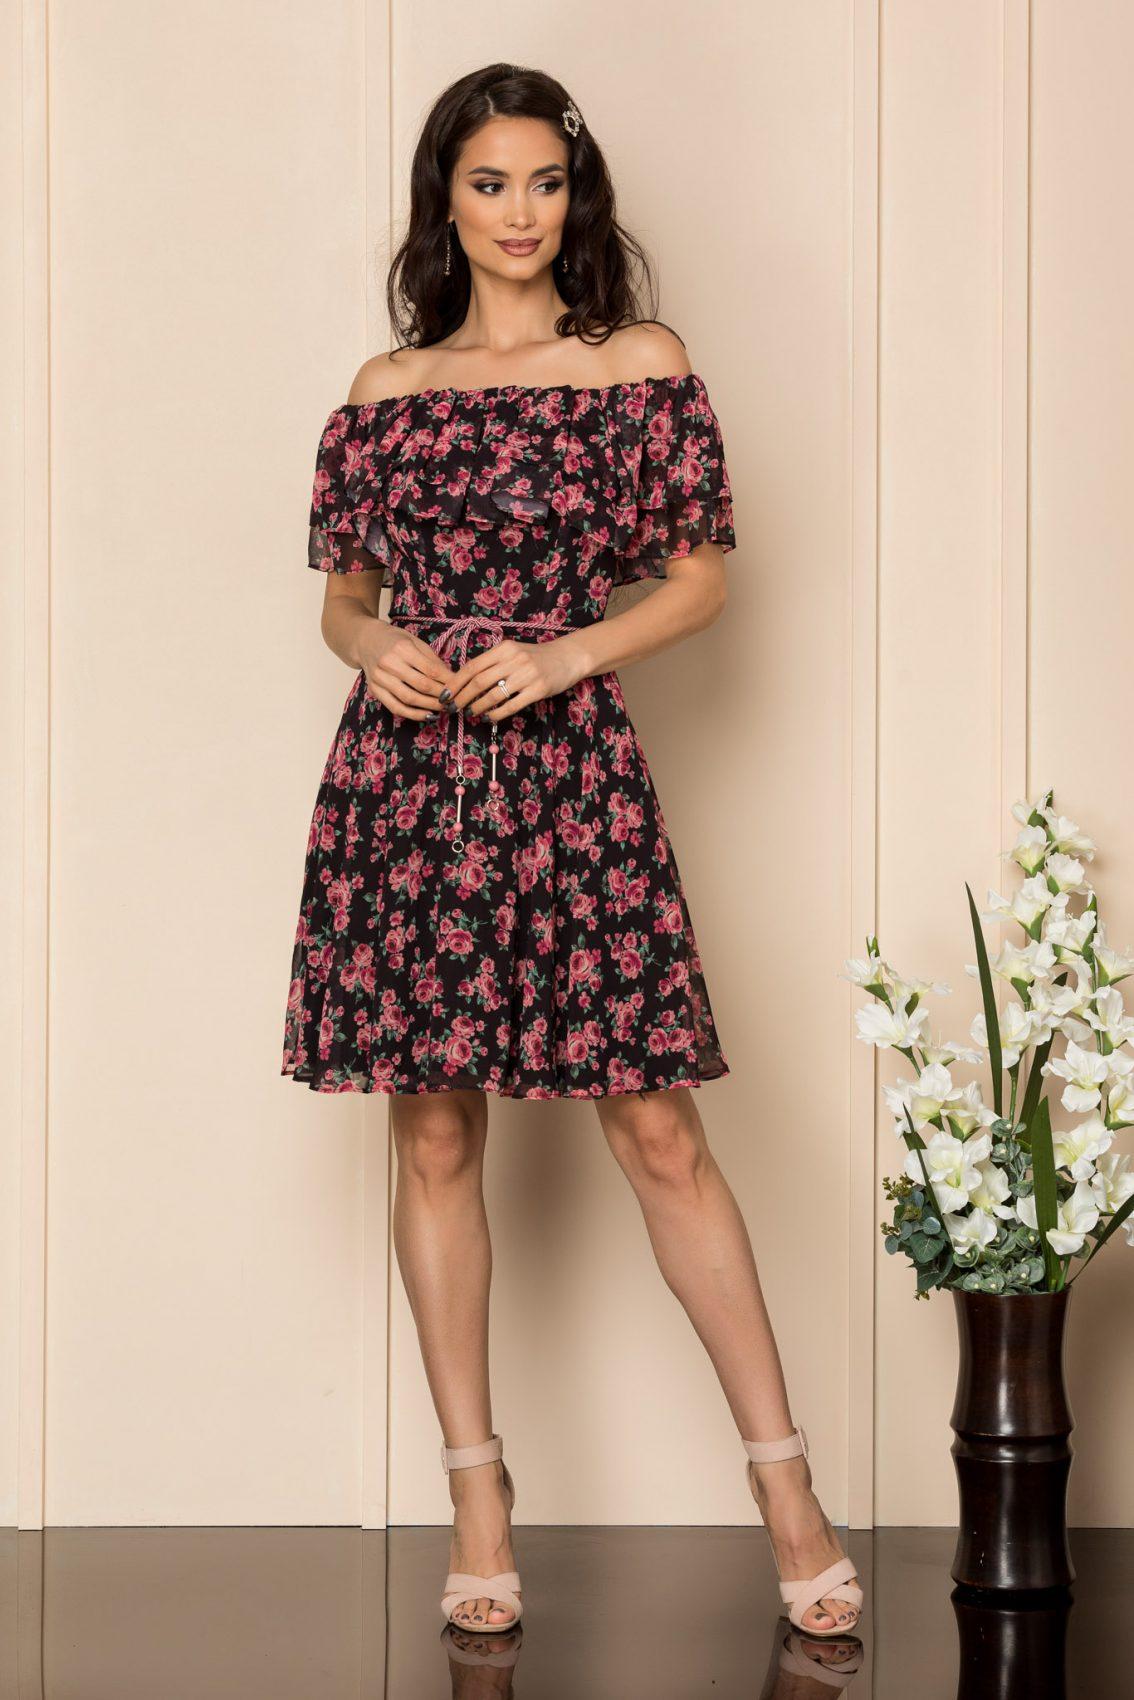 Μαύρο Εμπριμέ Φόρεμα Με Βολάν Jasmine A420 1